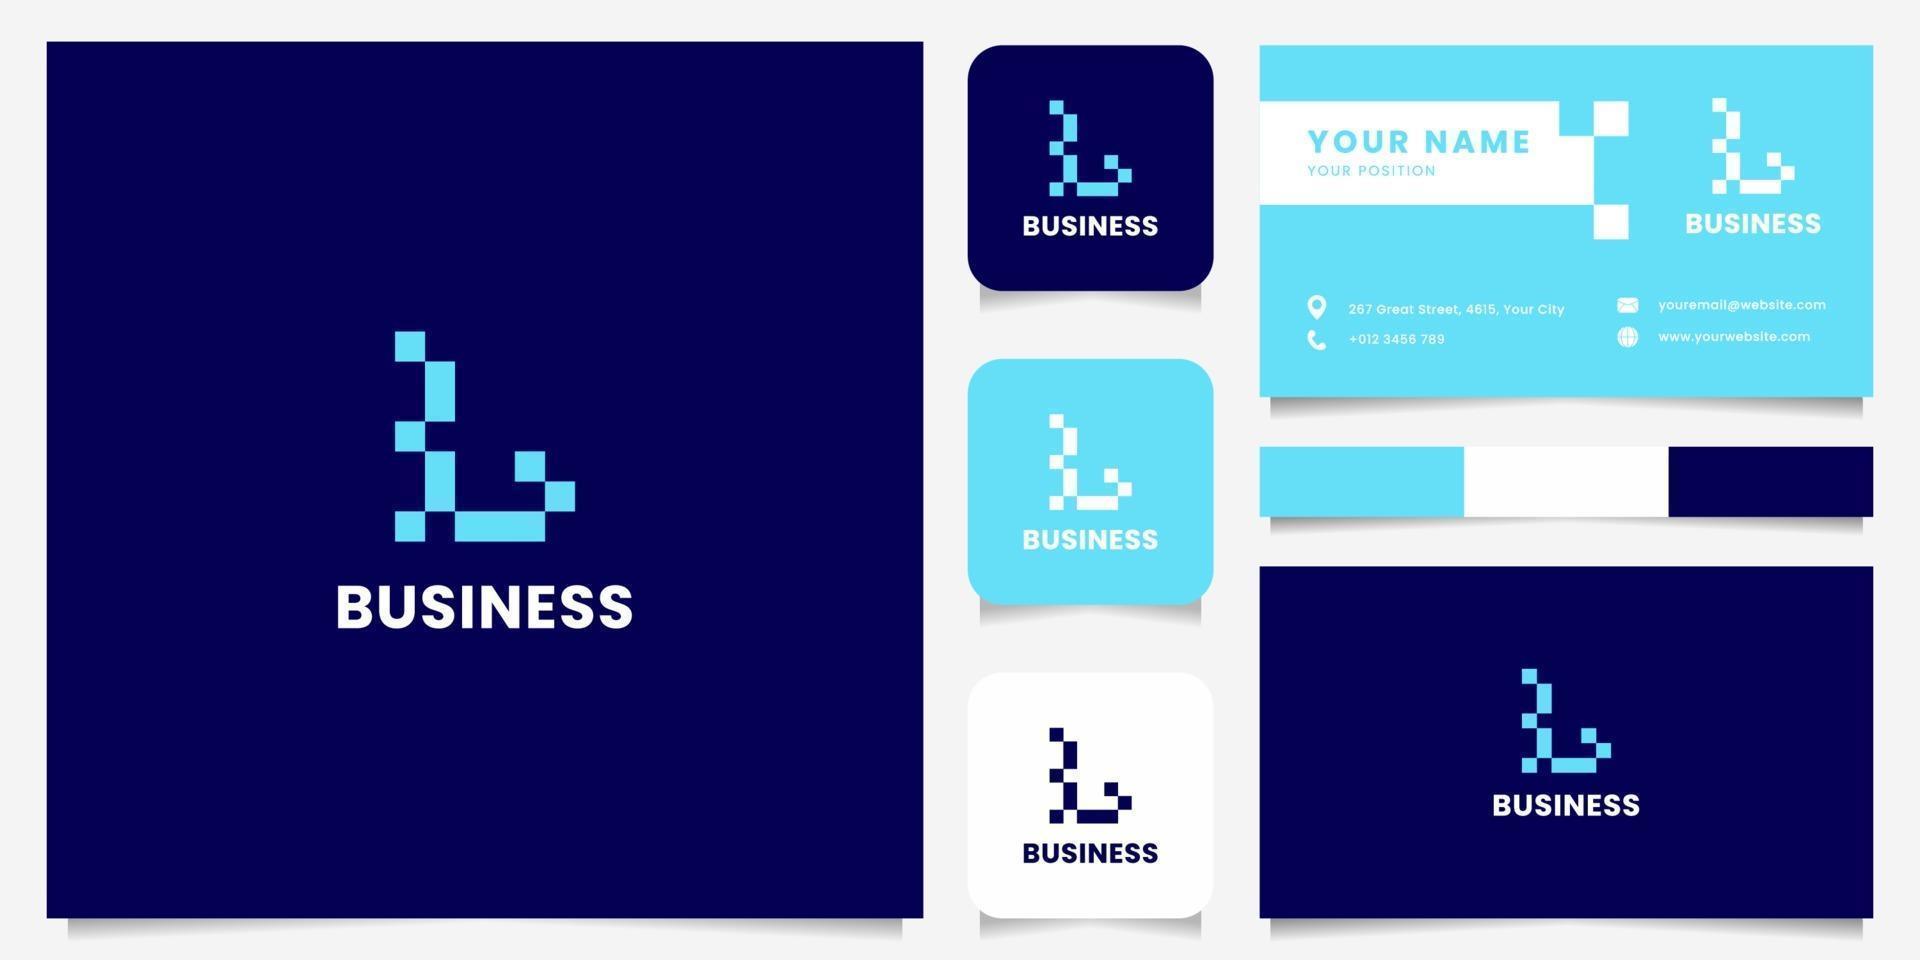 eenvoudig en minimalistisch blauw pixel letter l-logo met sjabloon voor visitekaartjes vector